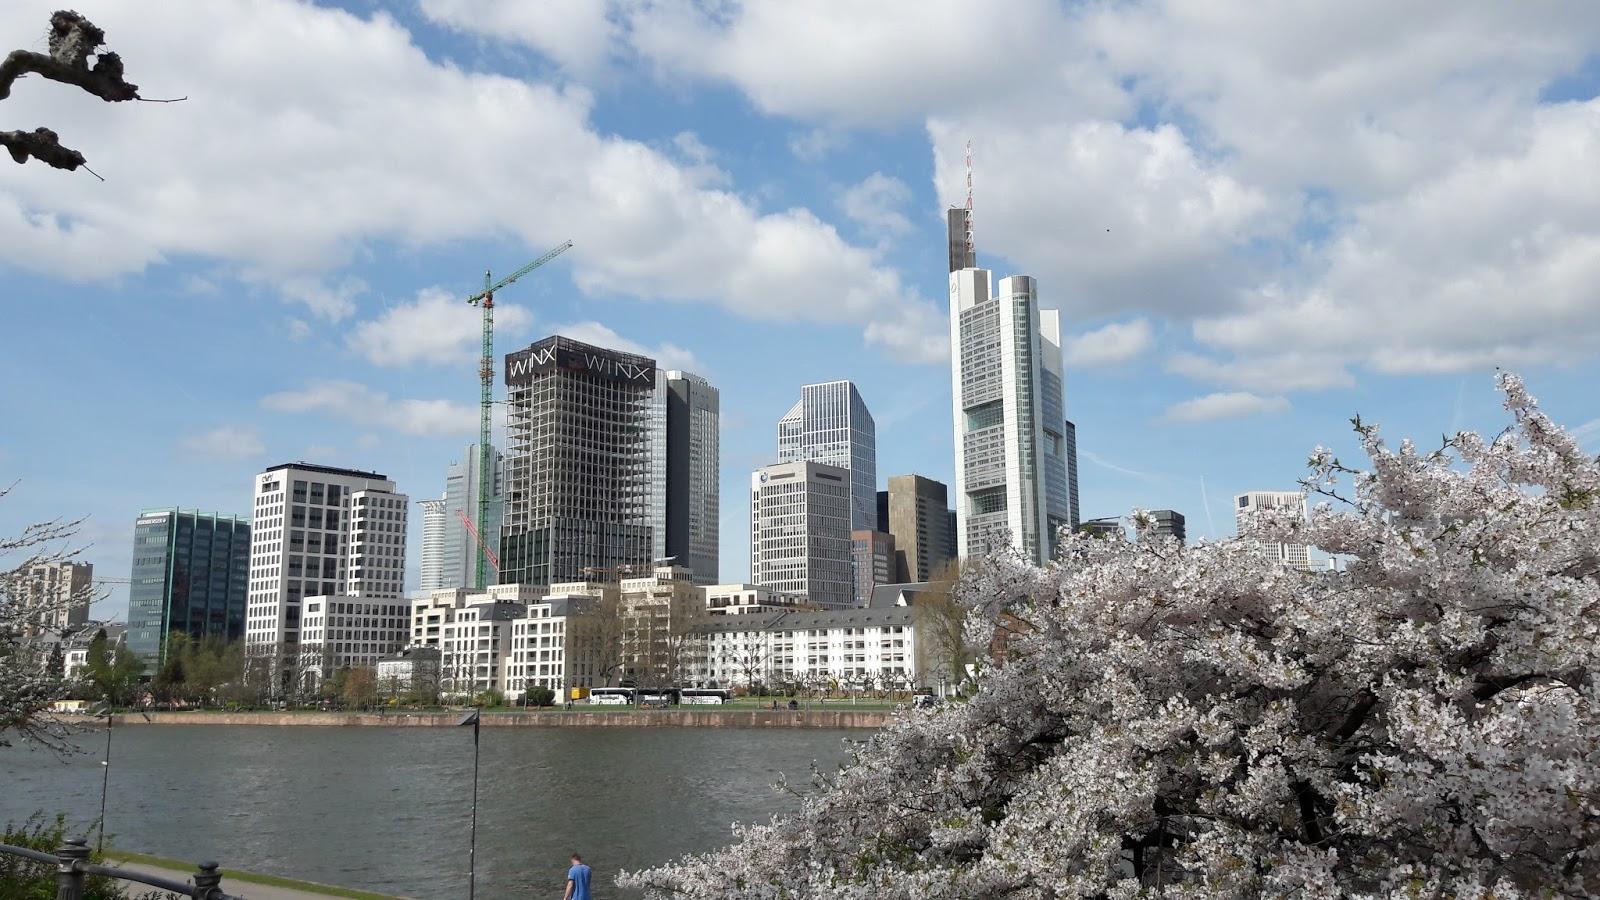 Alemania explicada donde vivir las mejores ciudades - Mejores ciudades espanolas para vivir ...